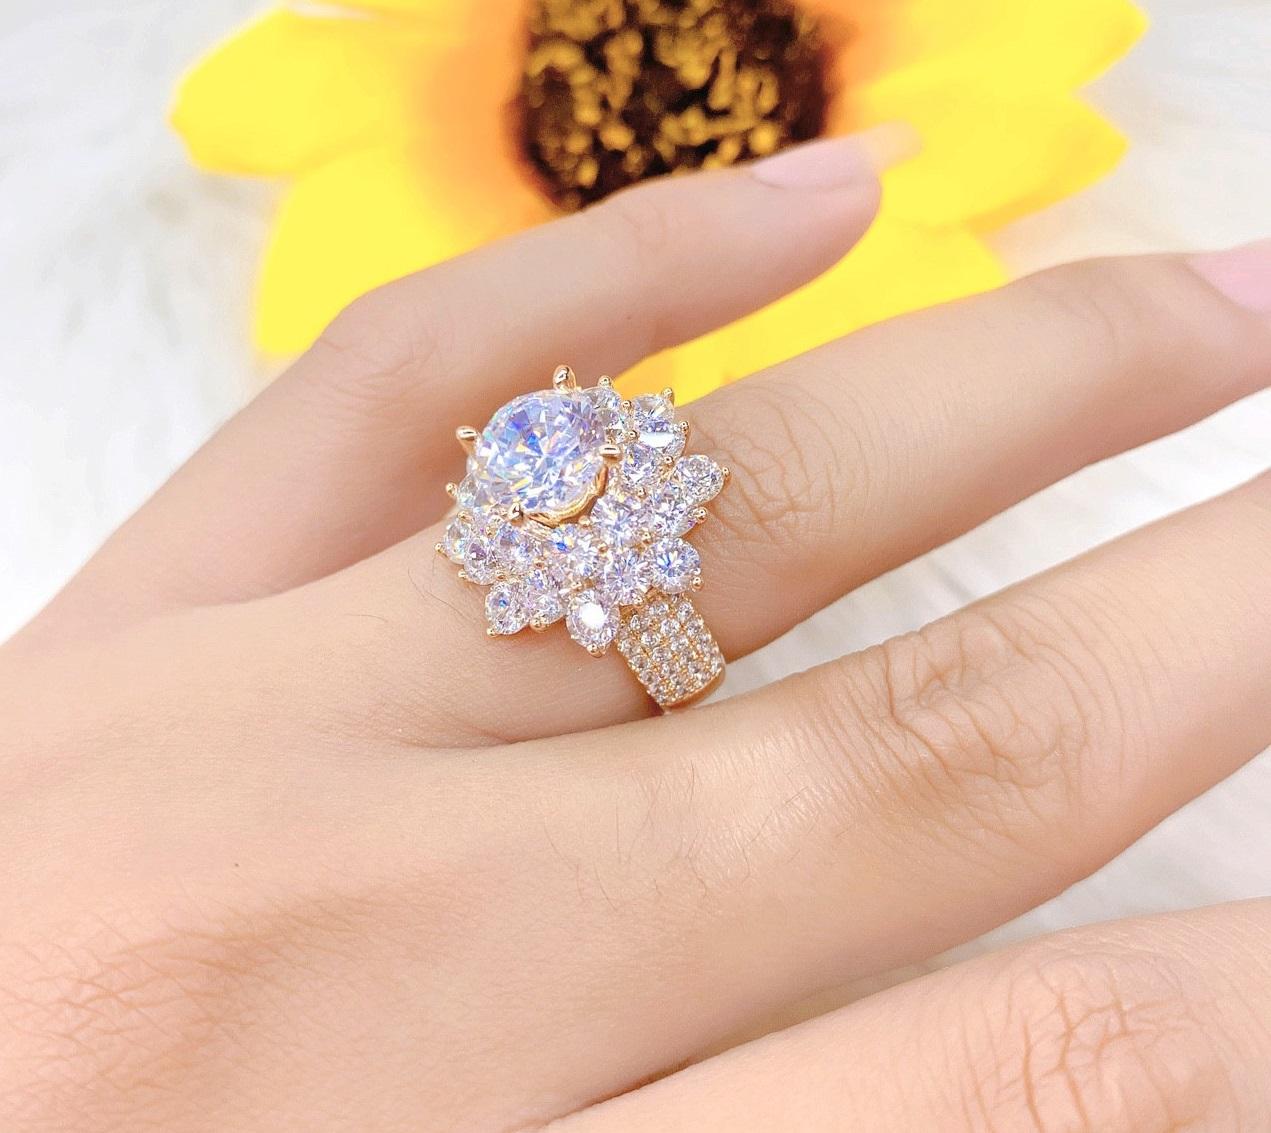 [ Bảo hành lên đến 3 tháng ] Nhẫn Nữ  Mạ Vàng or Bạch Kim Đính Xoàn 0451403 - Tubi Cony - Đổi Trả Trong Vòng 07 Ngày - Tặng Kèm Hộp Trang Sức- nhẫn nữ đẹp, nhẫn nữ thời trang